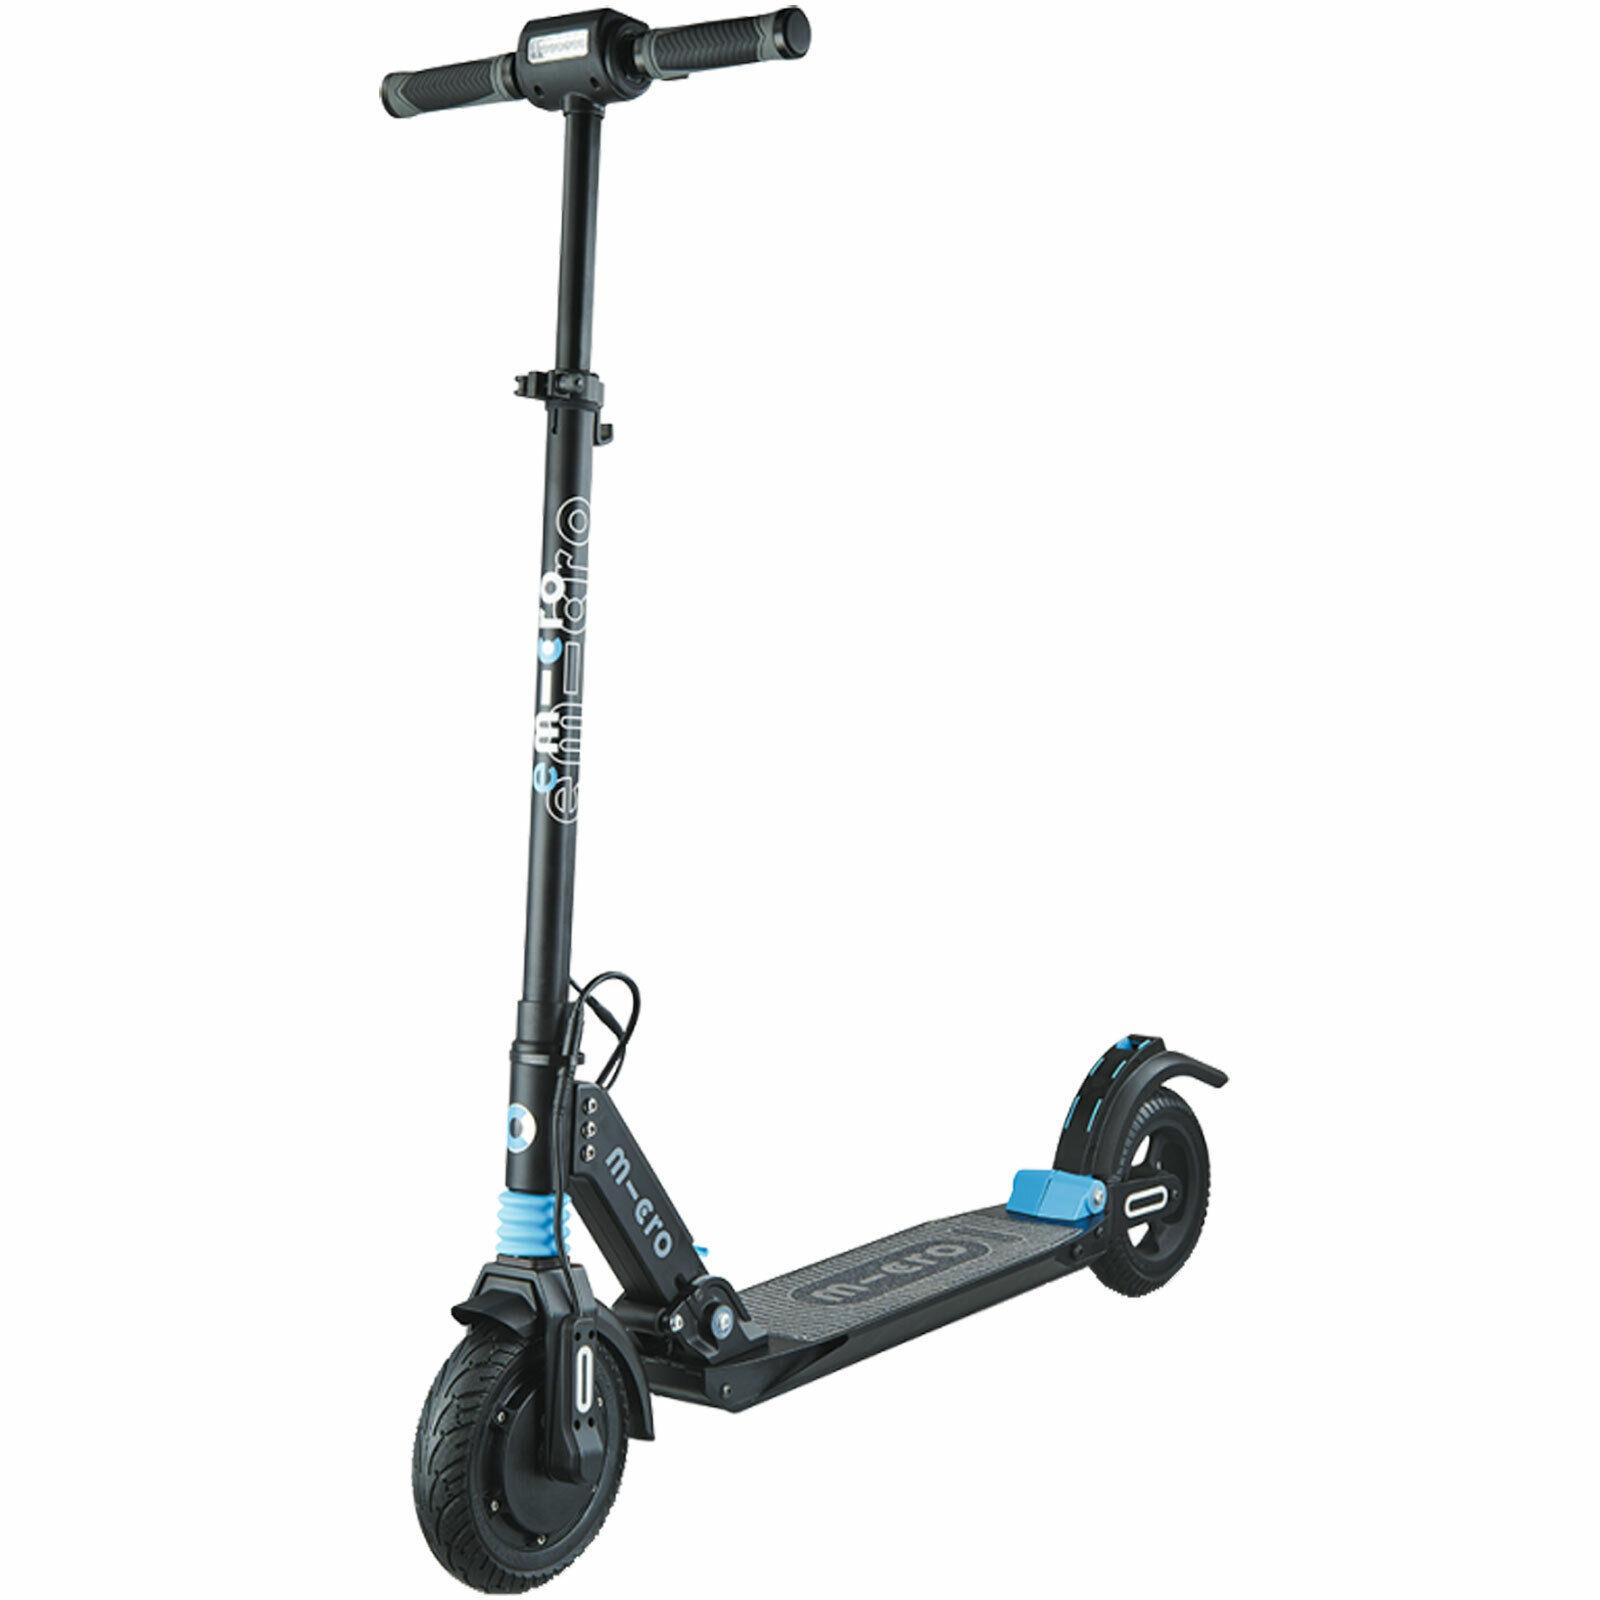 Micro  e-micro Merlin x4 scooter electroscooter Elektro-Roller e-scooter nuevo  conveniente